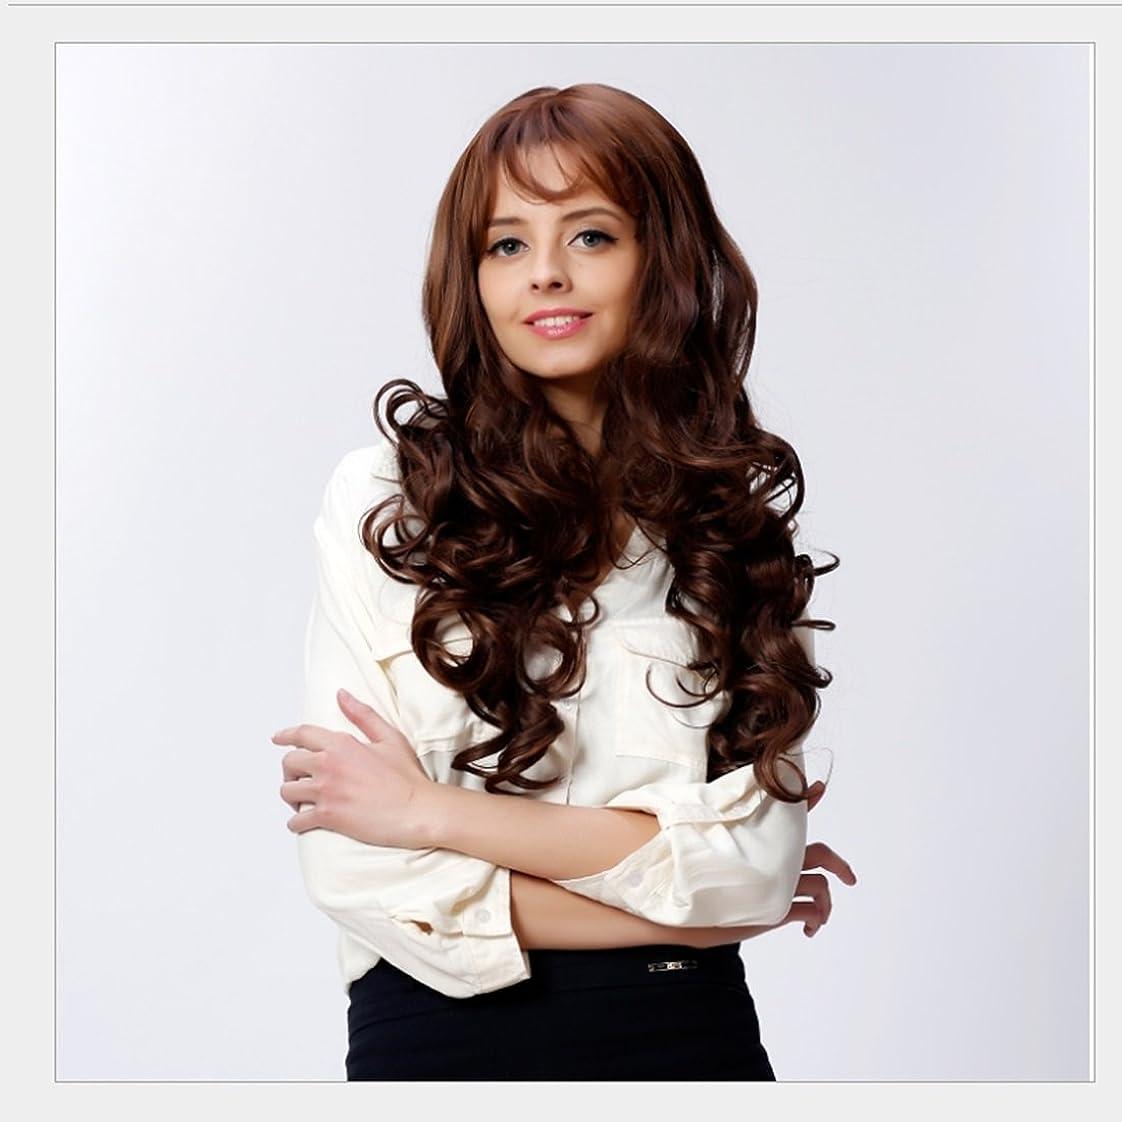 JIANFU 女性のための現実的な大きな波状の長い縮毛のかつらフルサイズの頭のカーリーヘアフラフリな梨のフラワーウィッグ修正された顔の長さ21inch / 22inch(ブラウンブラック/ベージュ)のための斜めバンズウィッグ (Color : Brownish black)